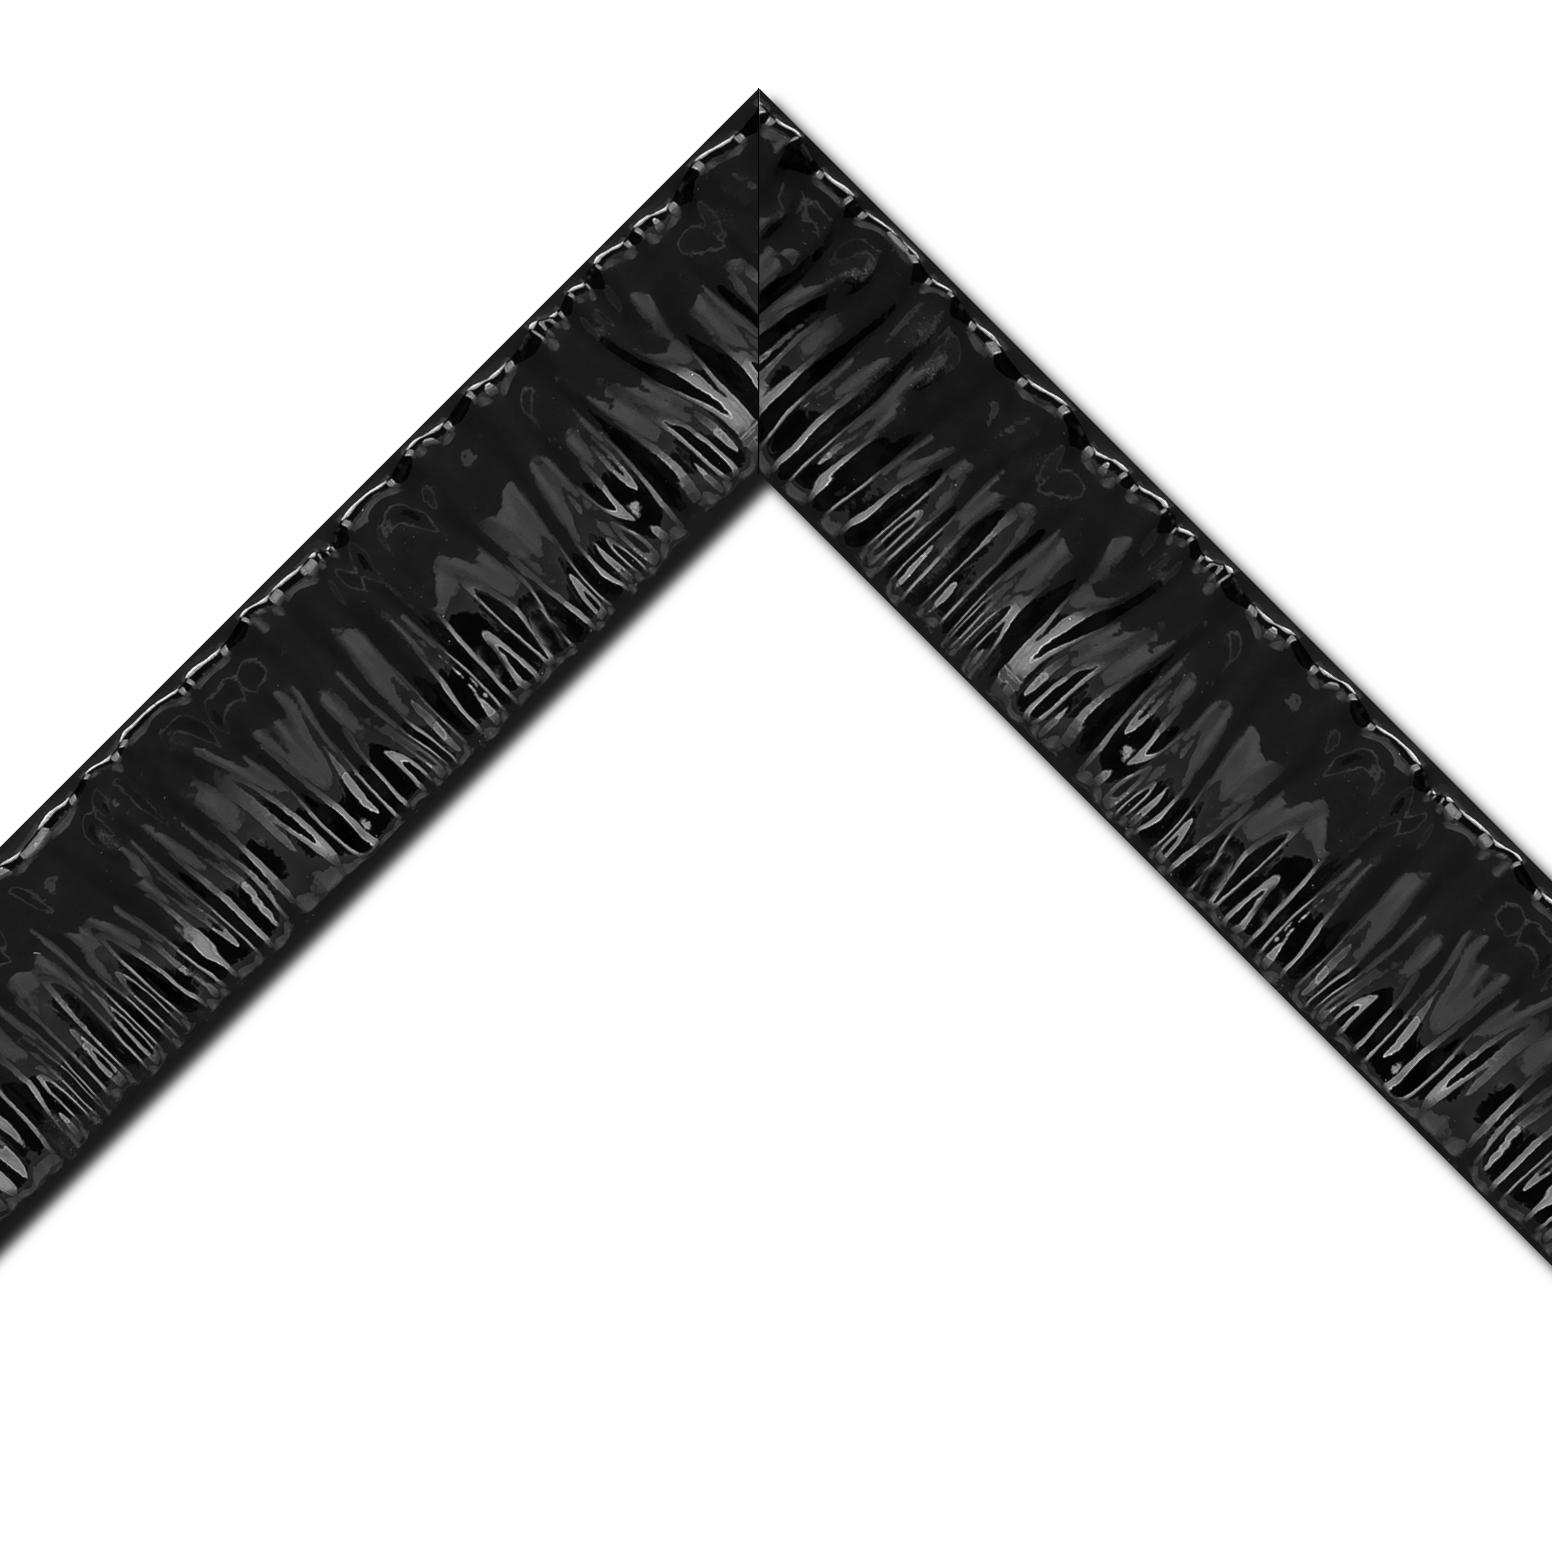 Baguette bois profil incurvé largeur 6.6cm noir laqué effet plissé